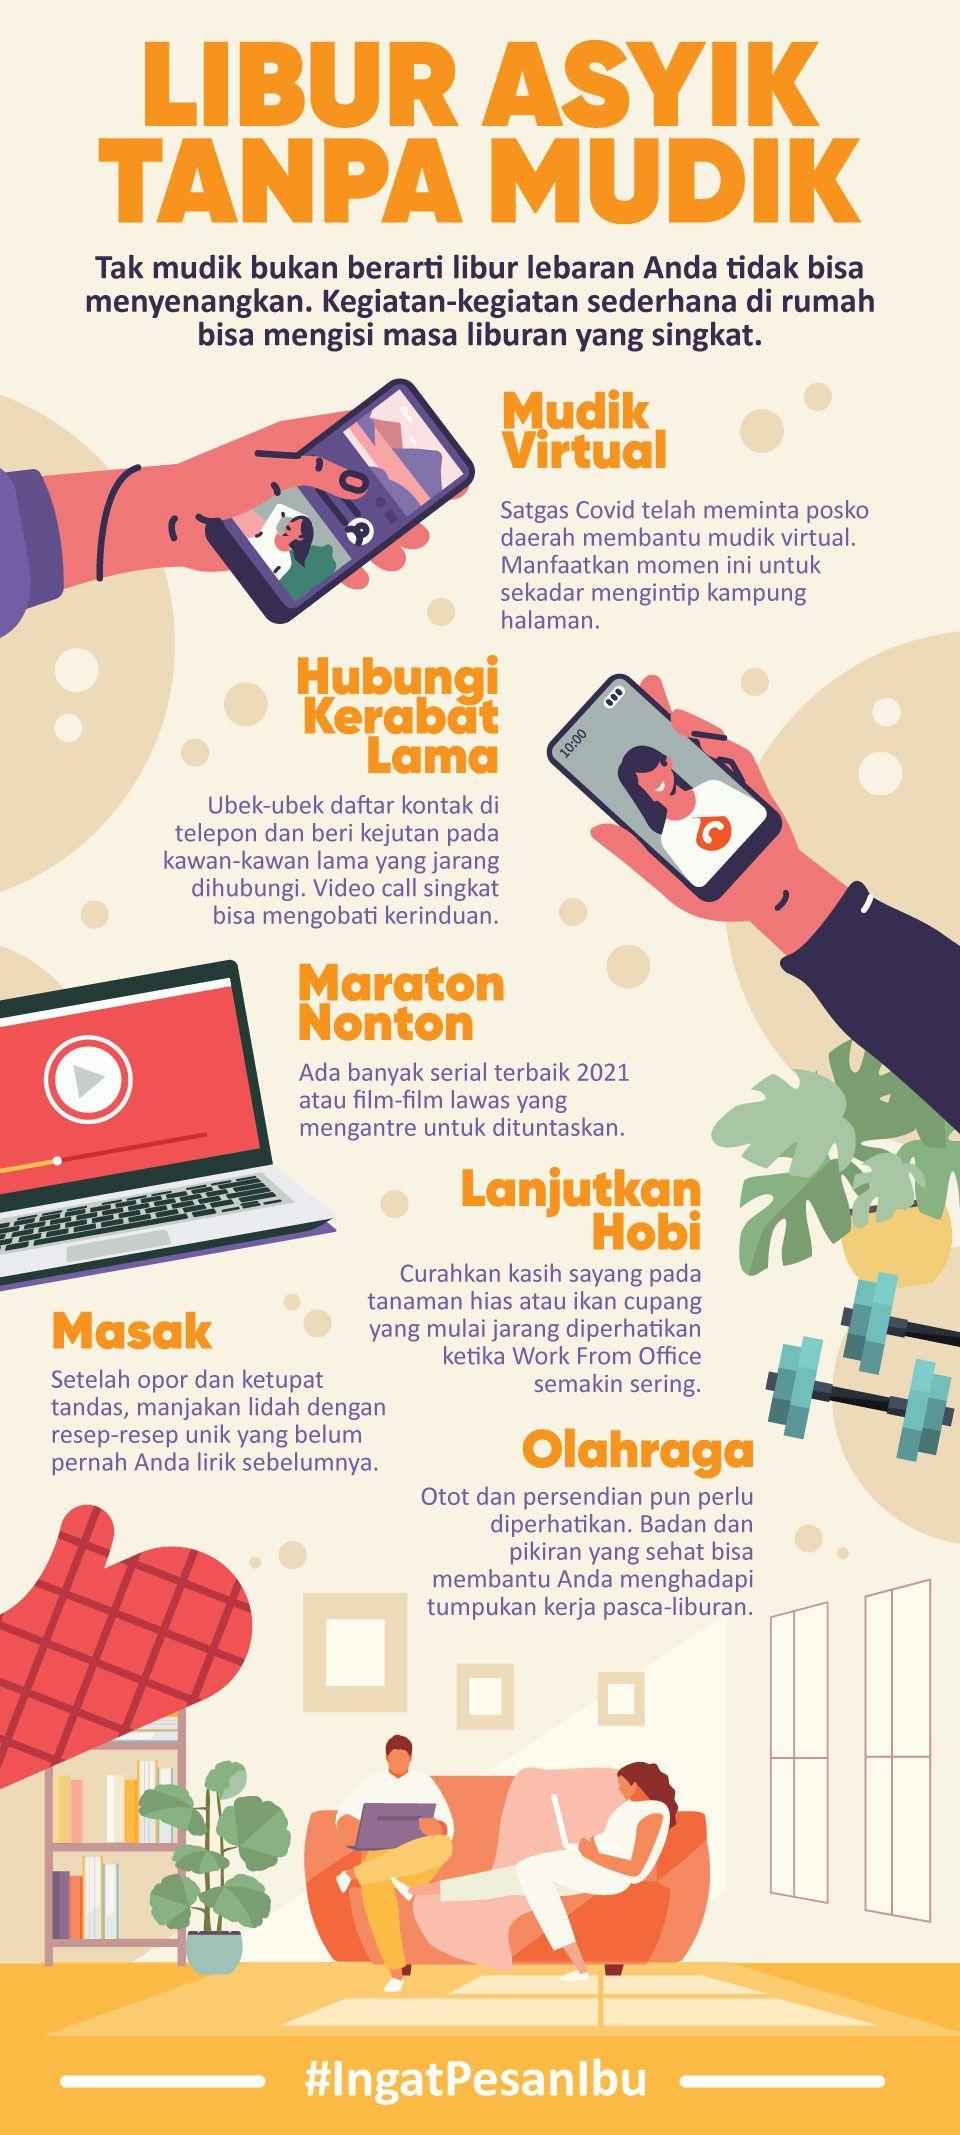 Infografis BNPB Libur Asyik Tanpa Mudik